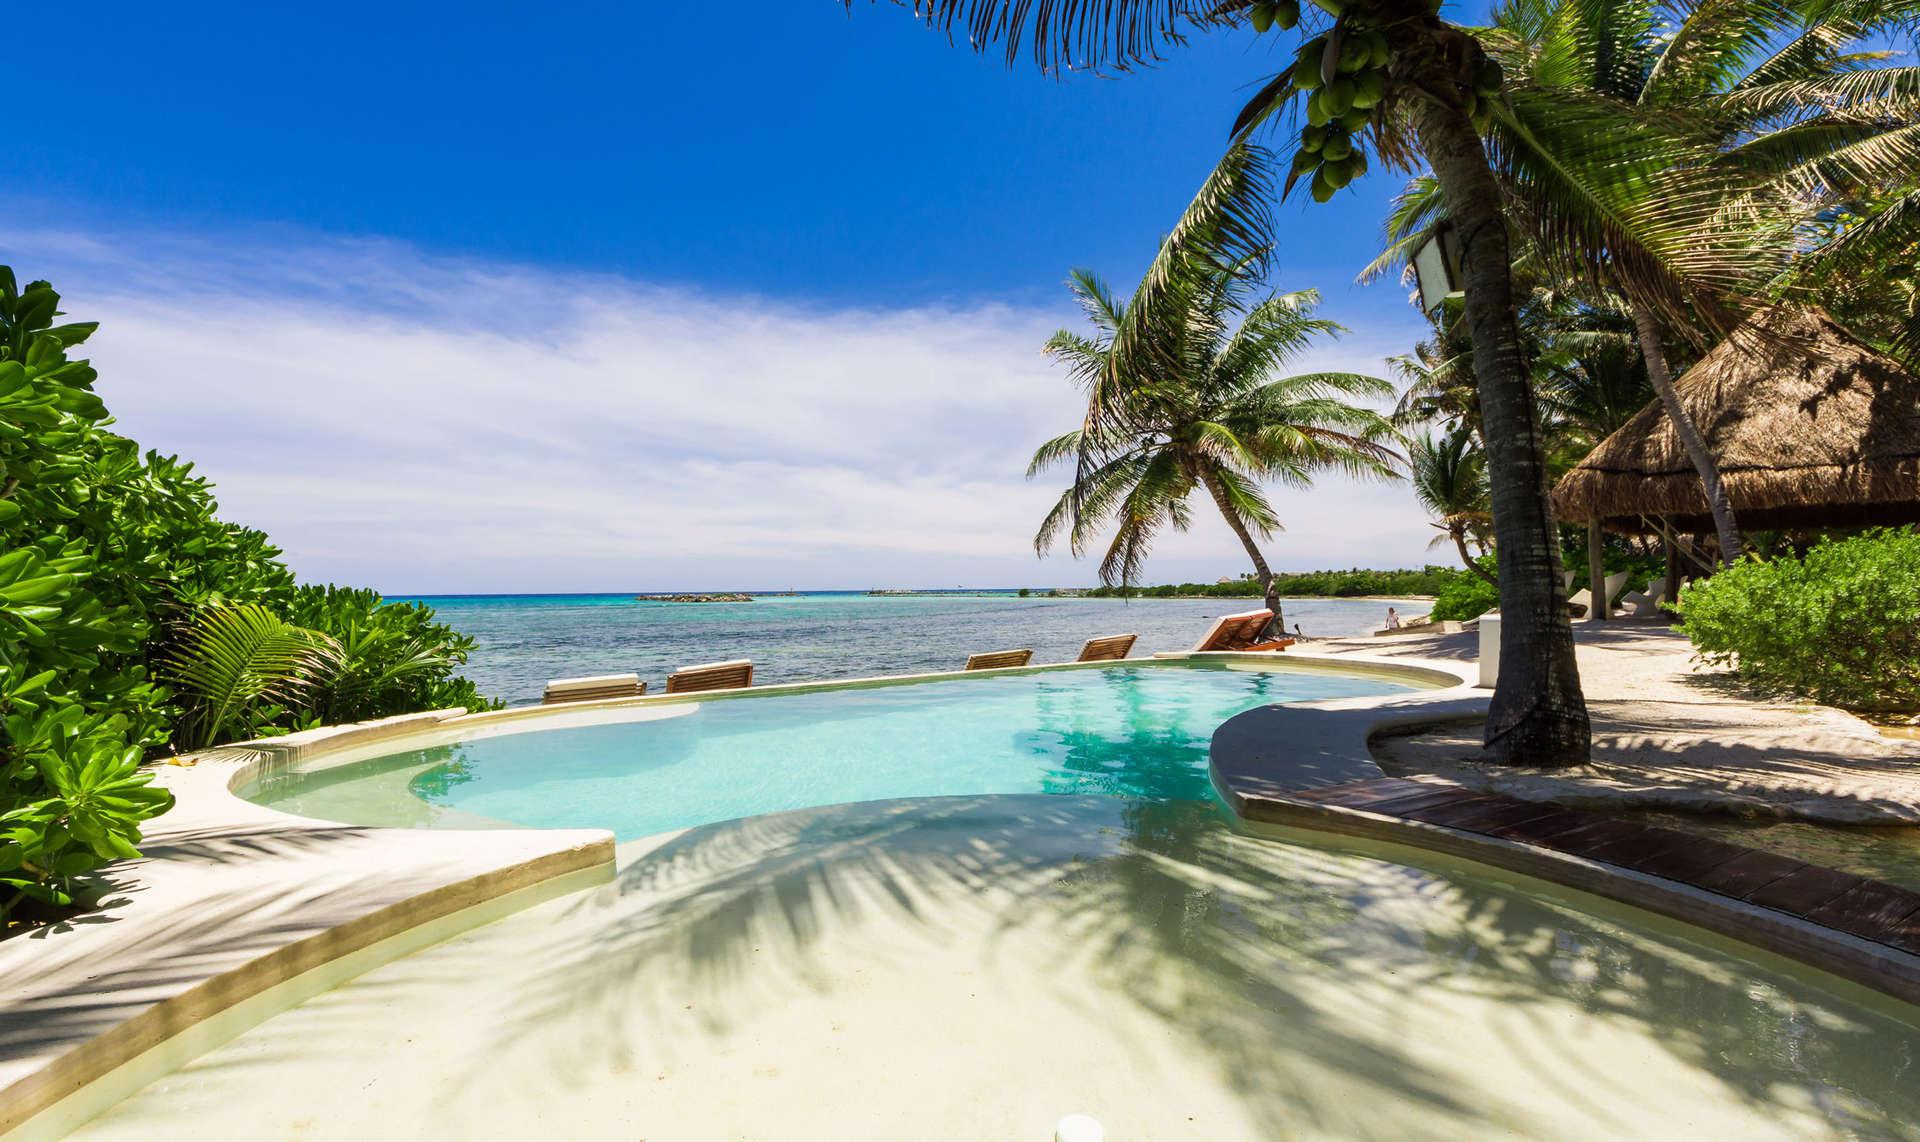 Luxury vacation rentals mexico - Riviera maya - Puerto aventuras - No location 4 - Casa del Agua - Image 1/18